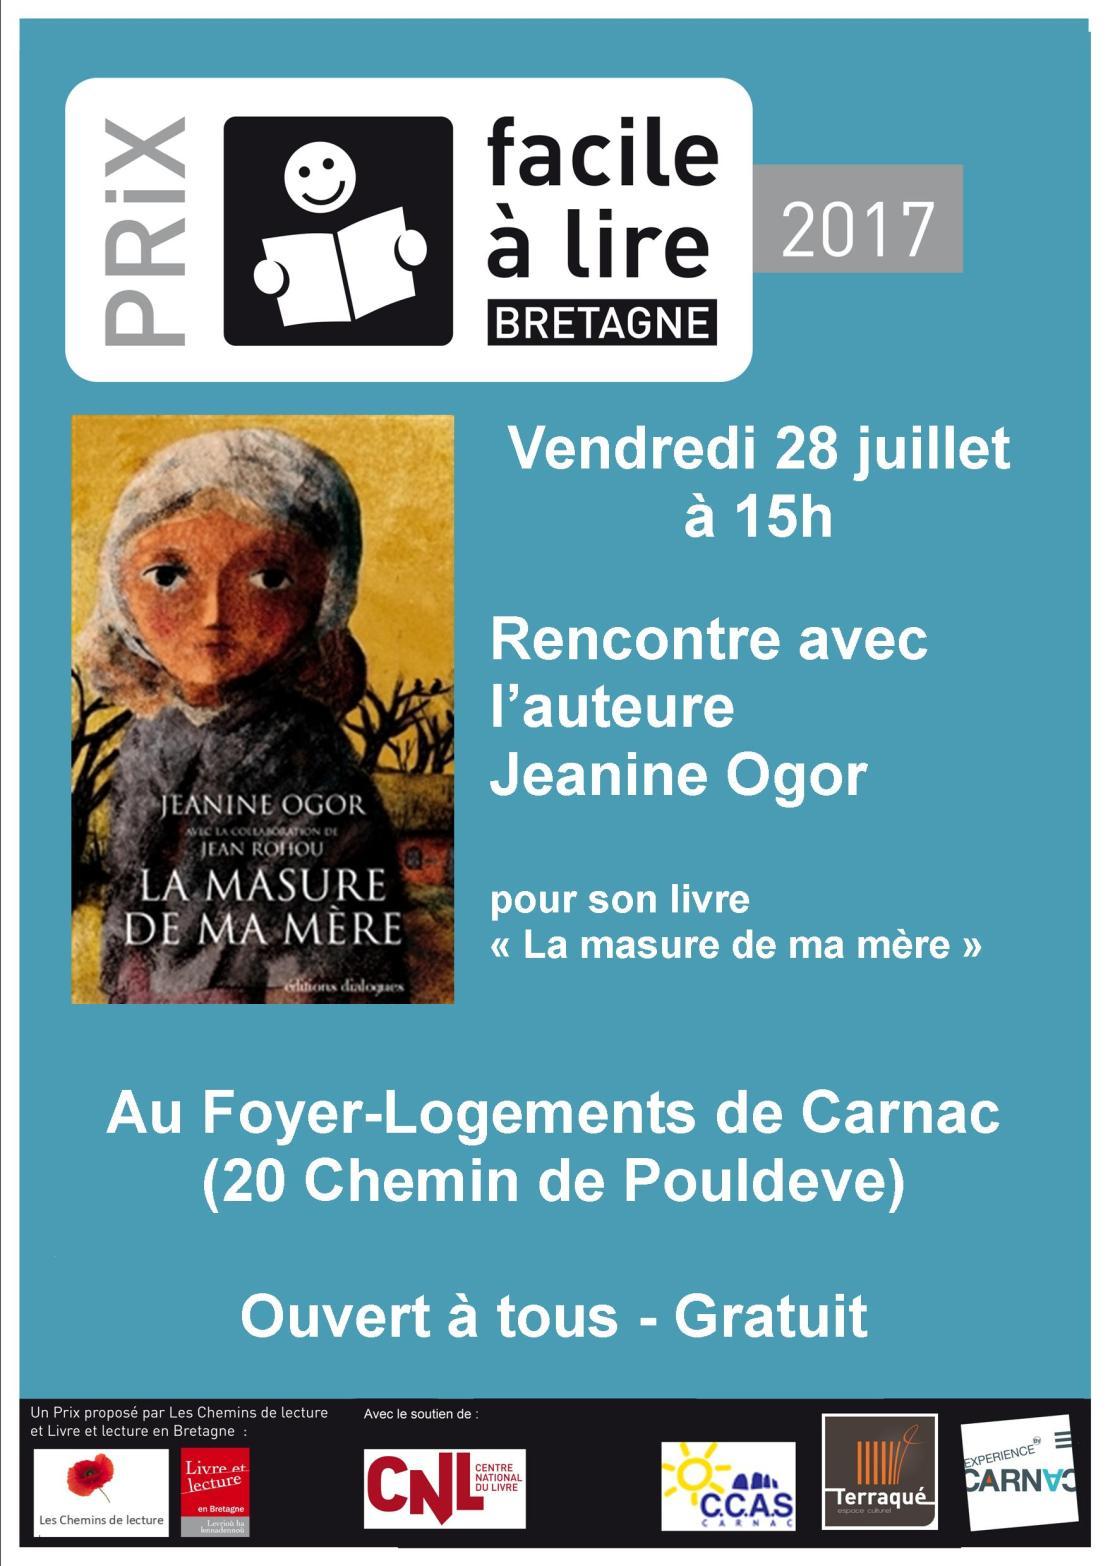 L'auteure Jeanine Ogor à Carnac vendredi!